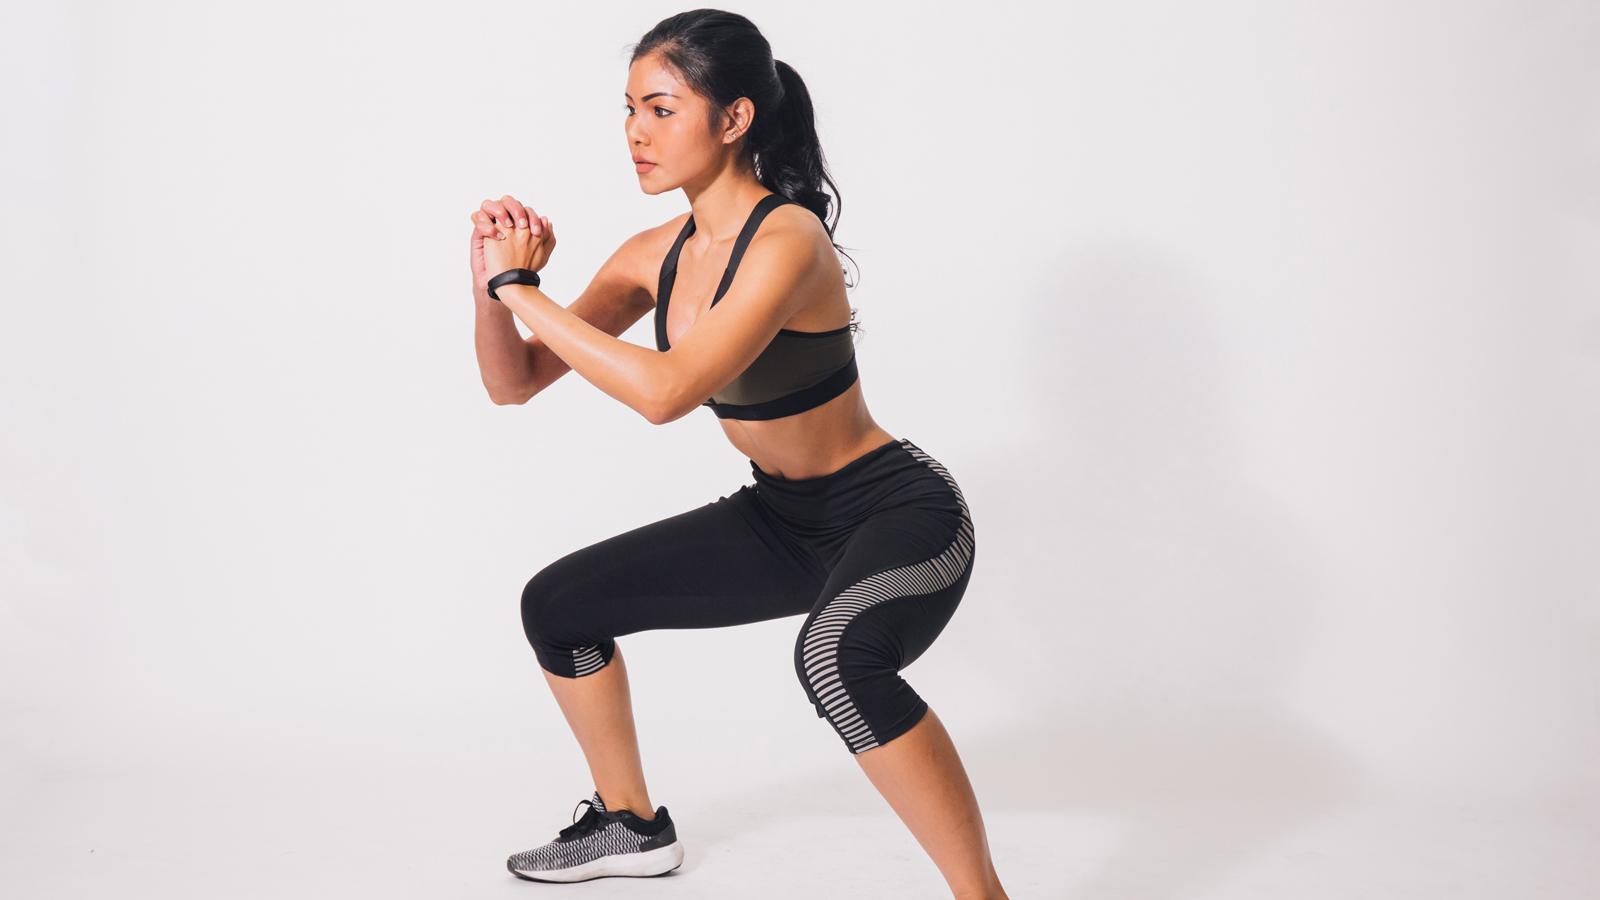 Plank cơ bản giúp đốt cháy mỡ bụng và cánh tay hiệu quả